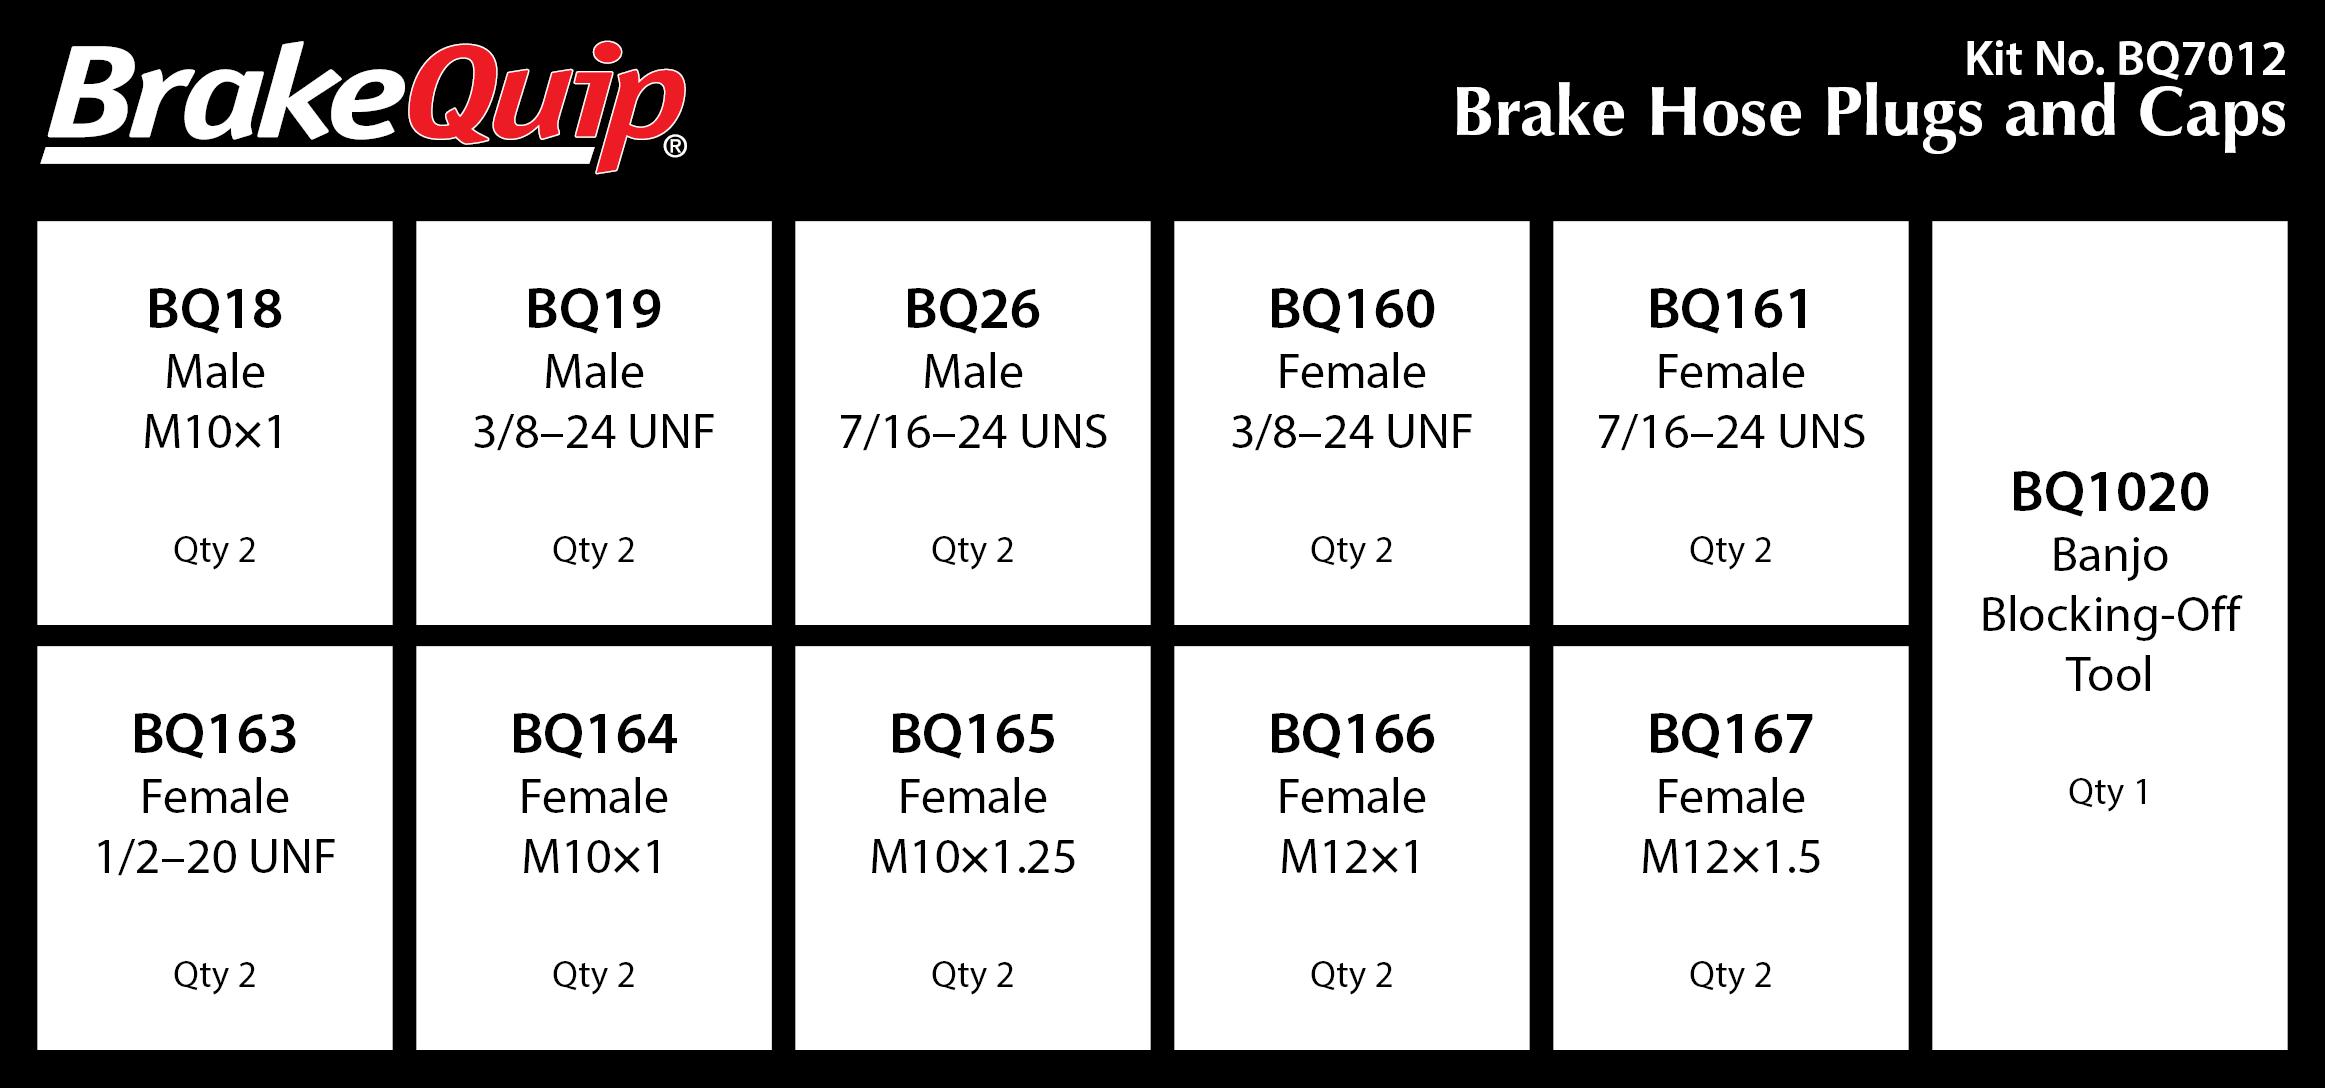 bq7012 contents